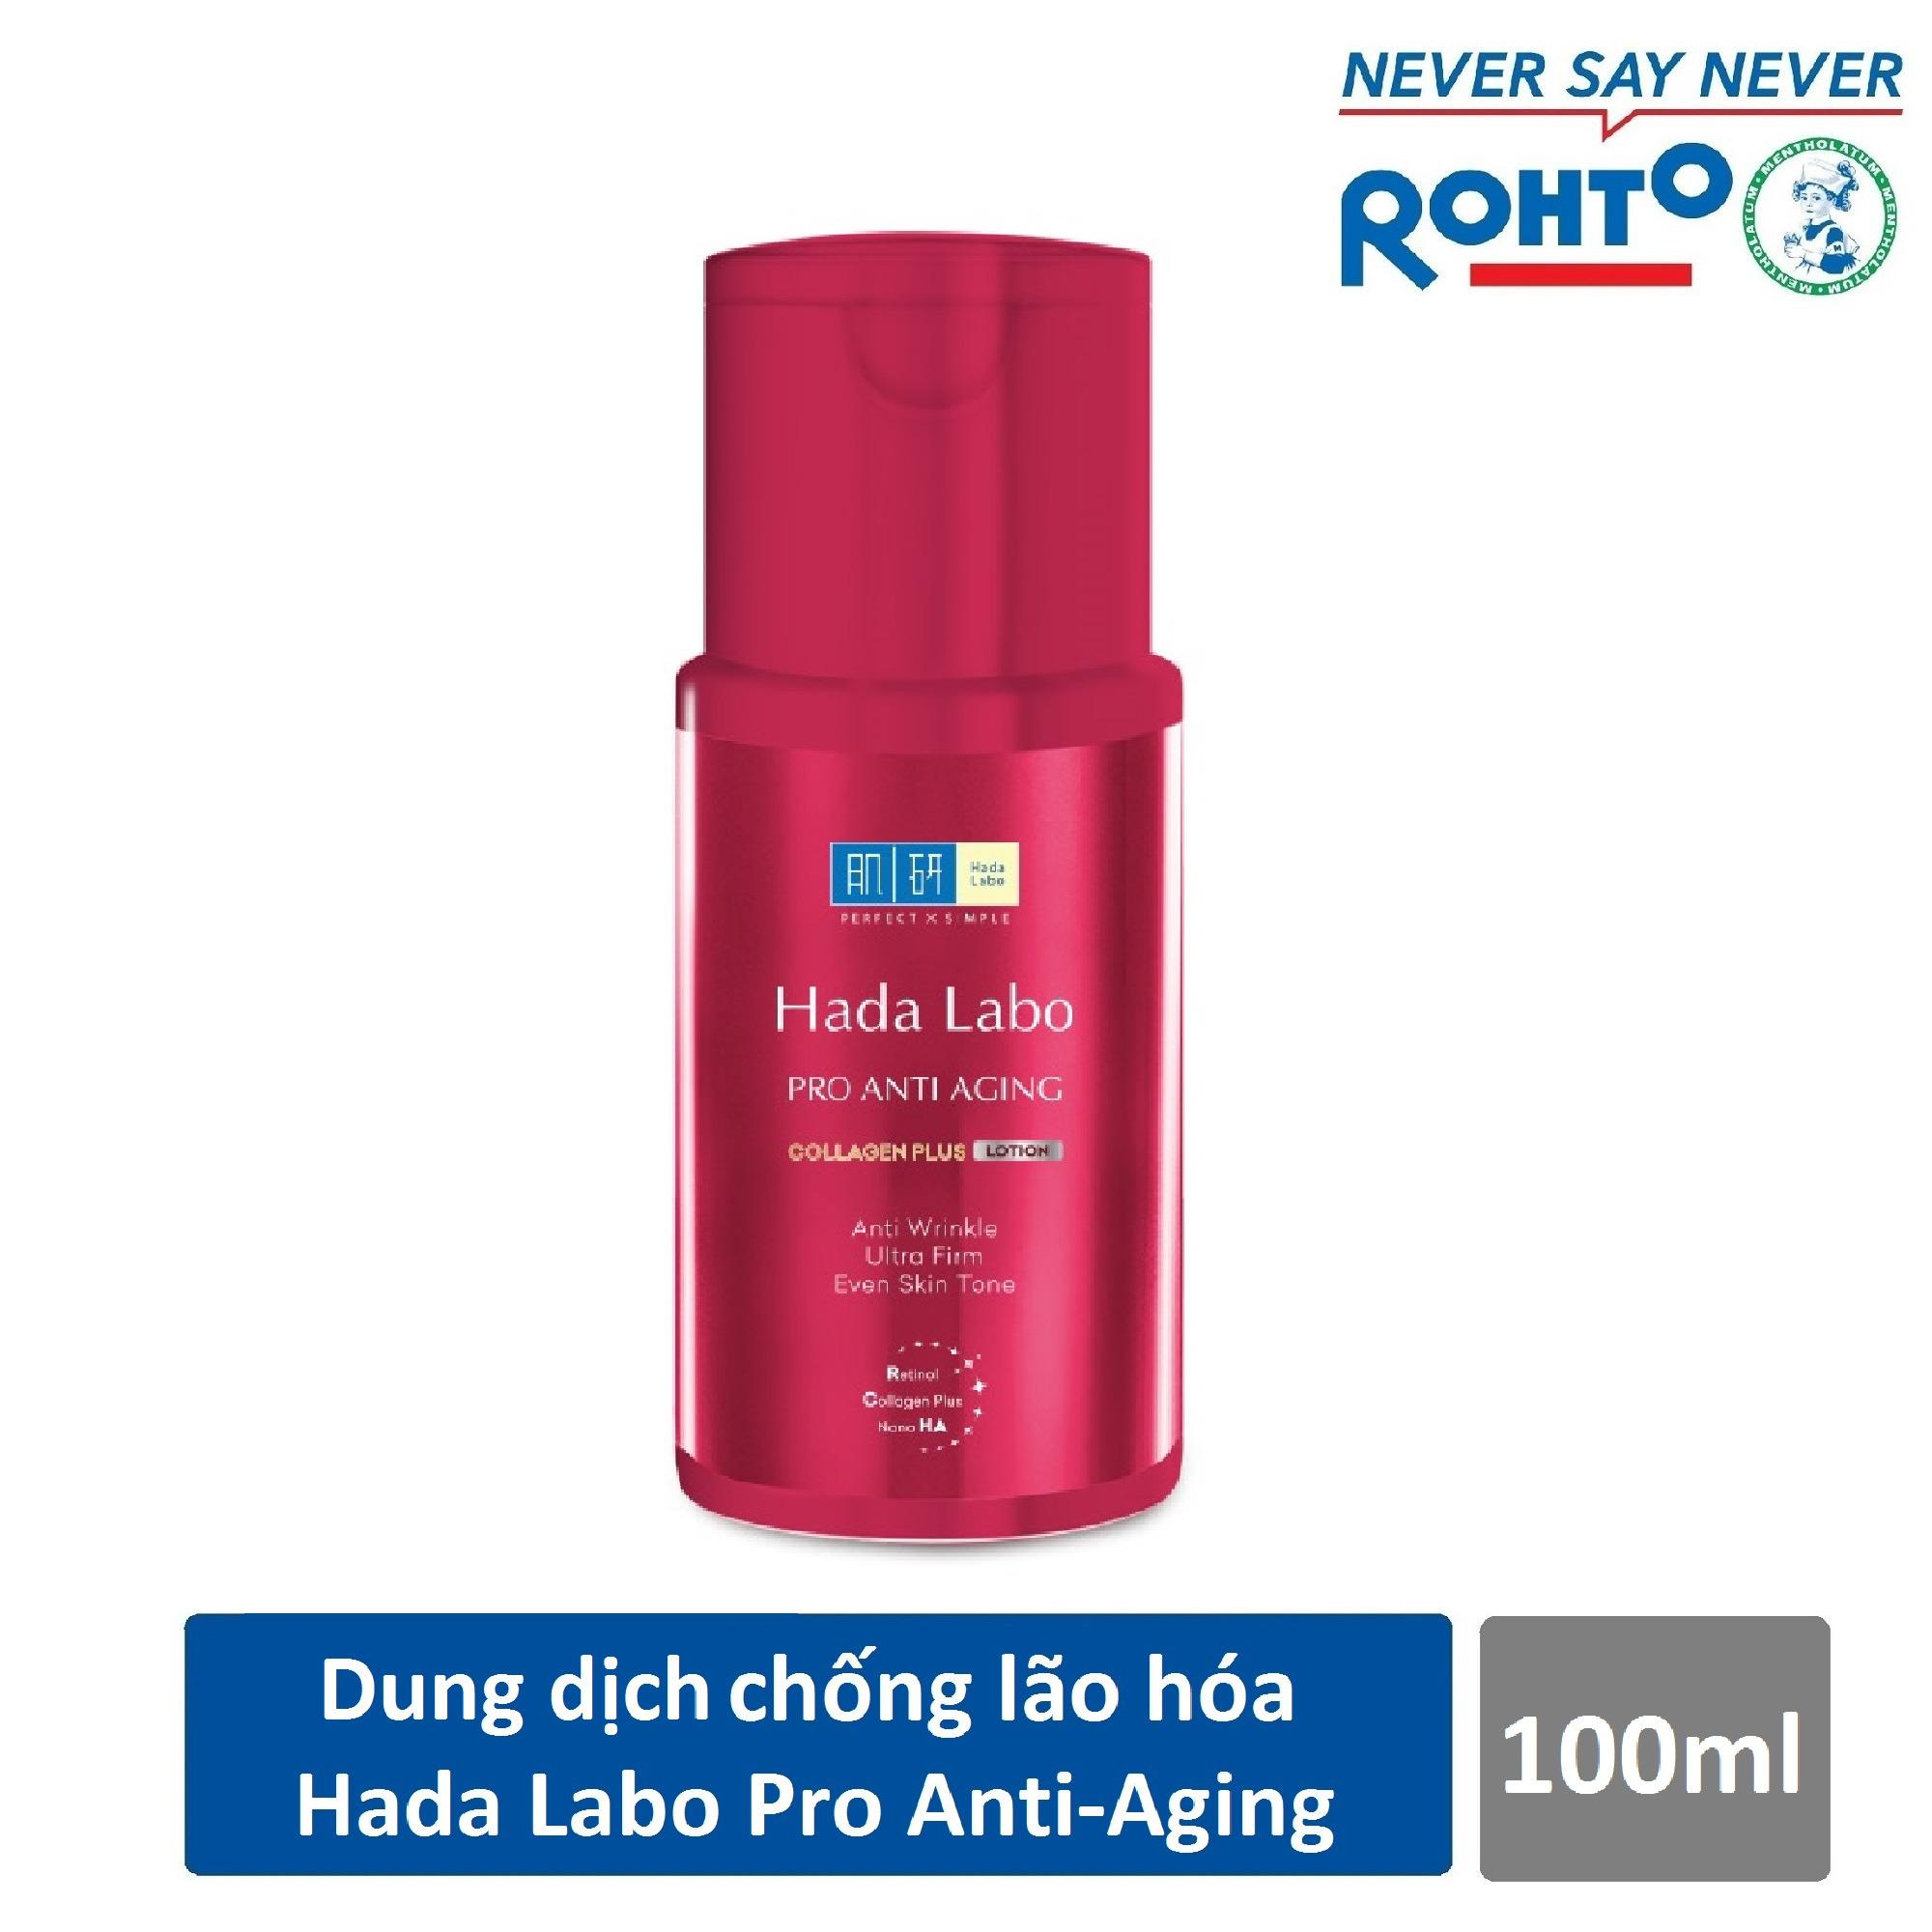 Bán Dung Dịch Dưỡng Chuyen Biệt Chống Lao Hoa Hada Labo Pro Anti Aging Lotion 100Ml Rẻ Vietnam